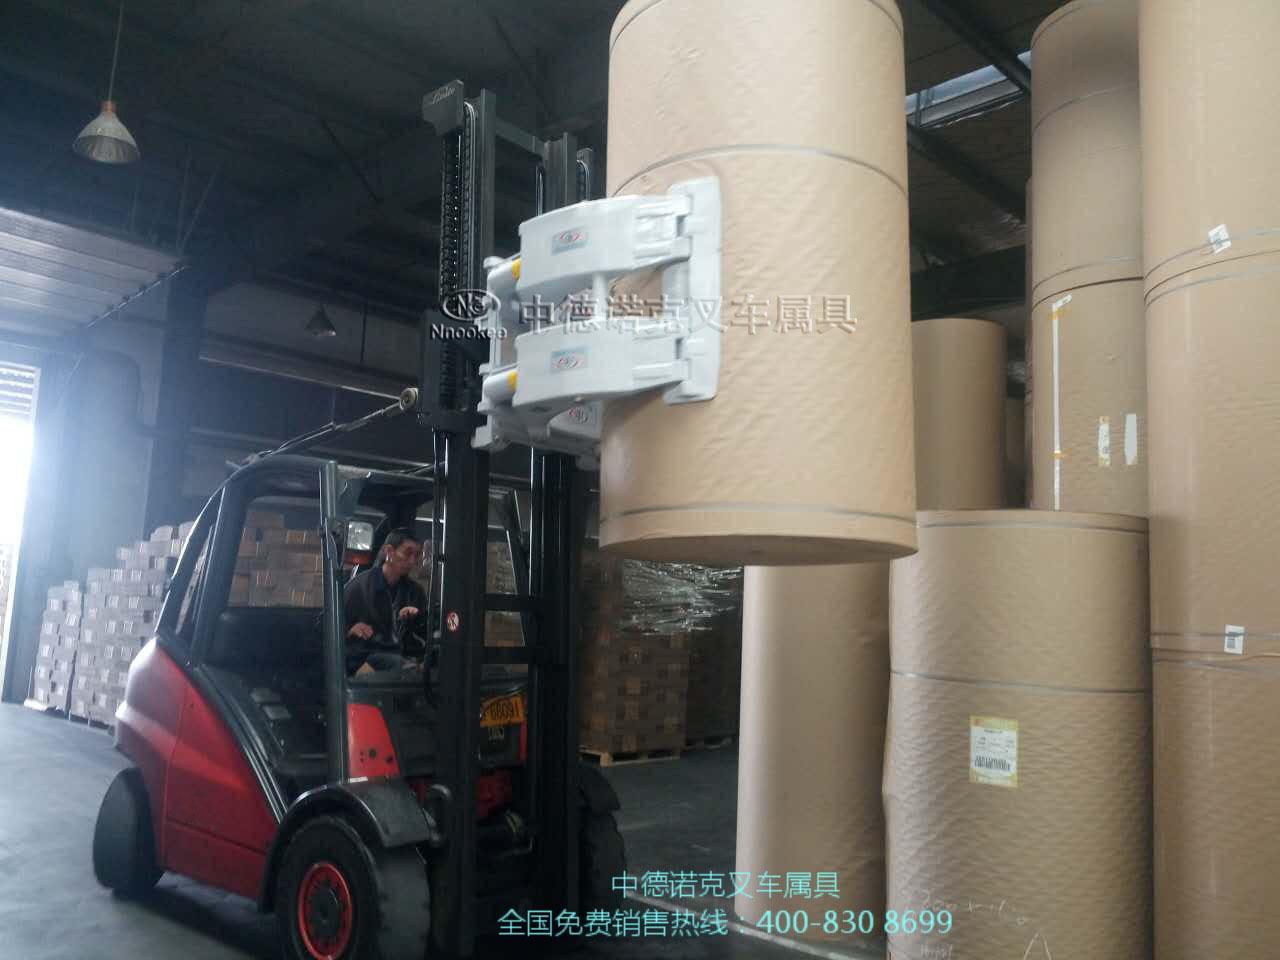 供应瓶装水搬运机械/桶装水搬运车/箱装水搬运设备